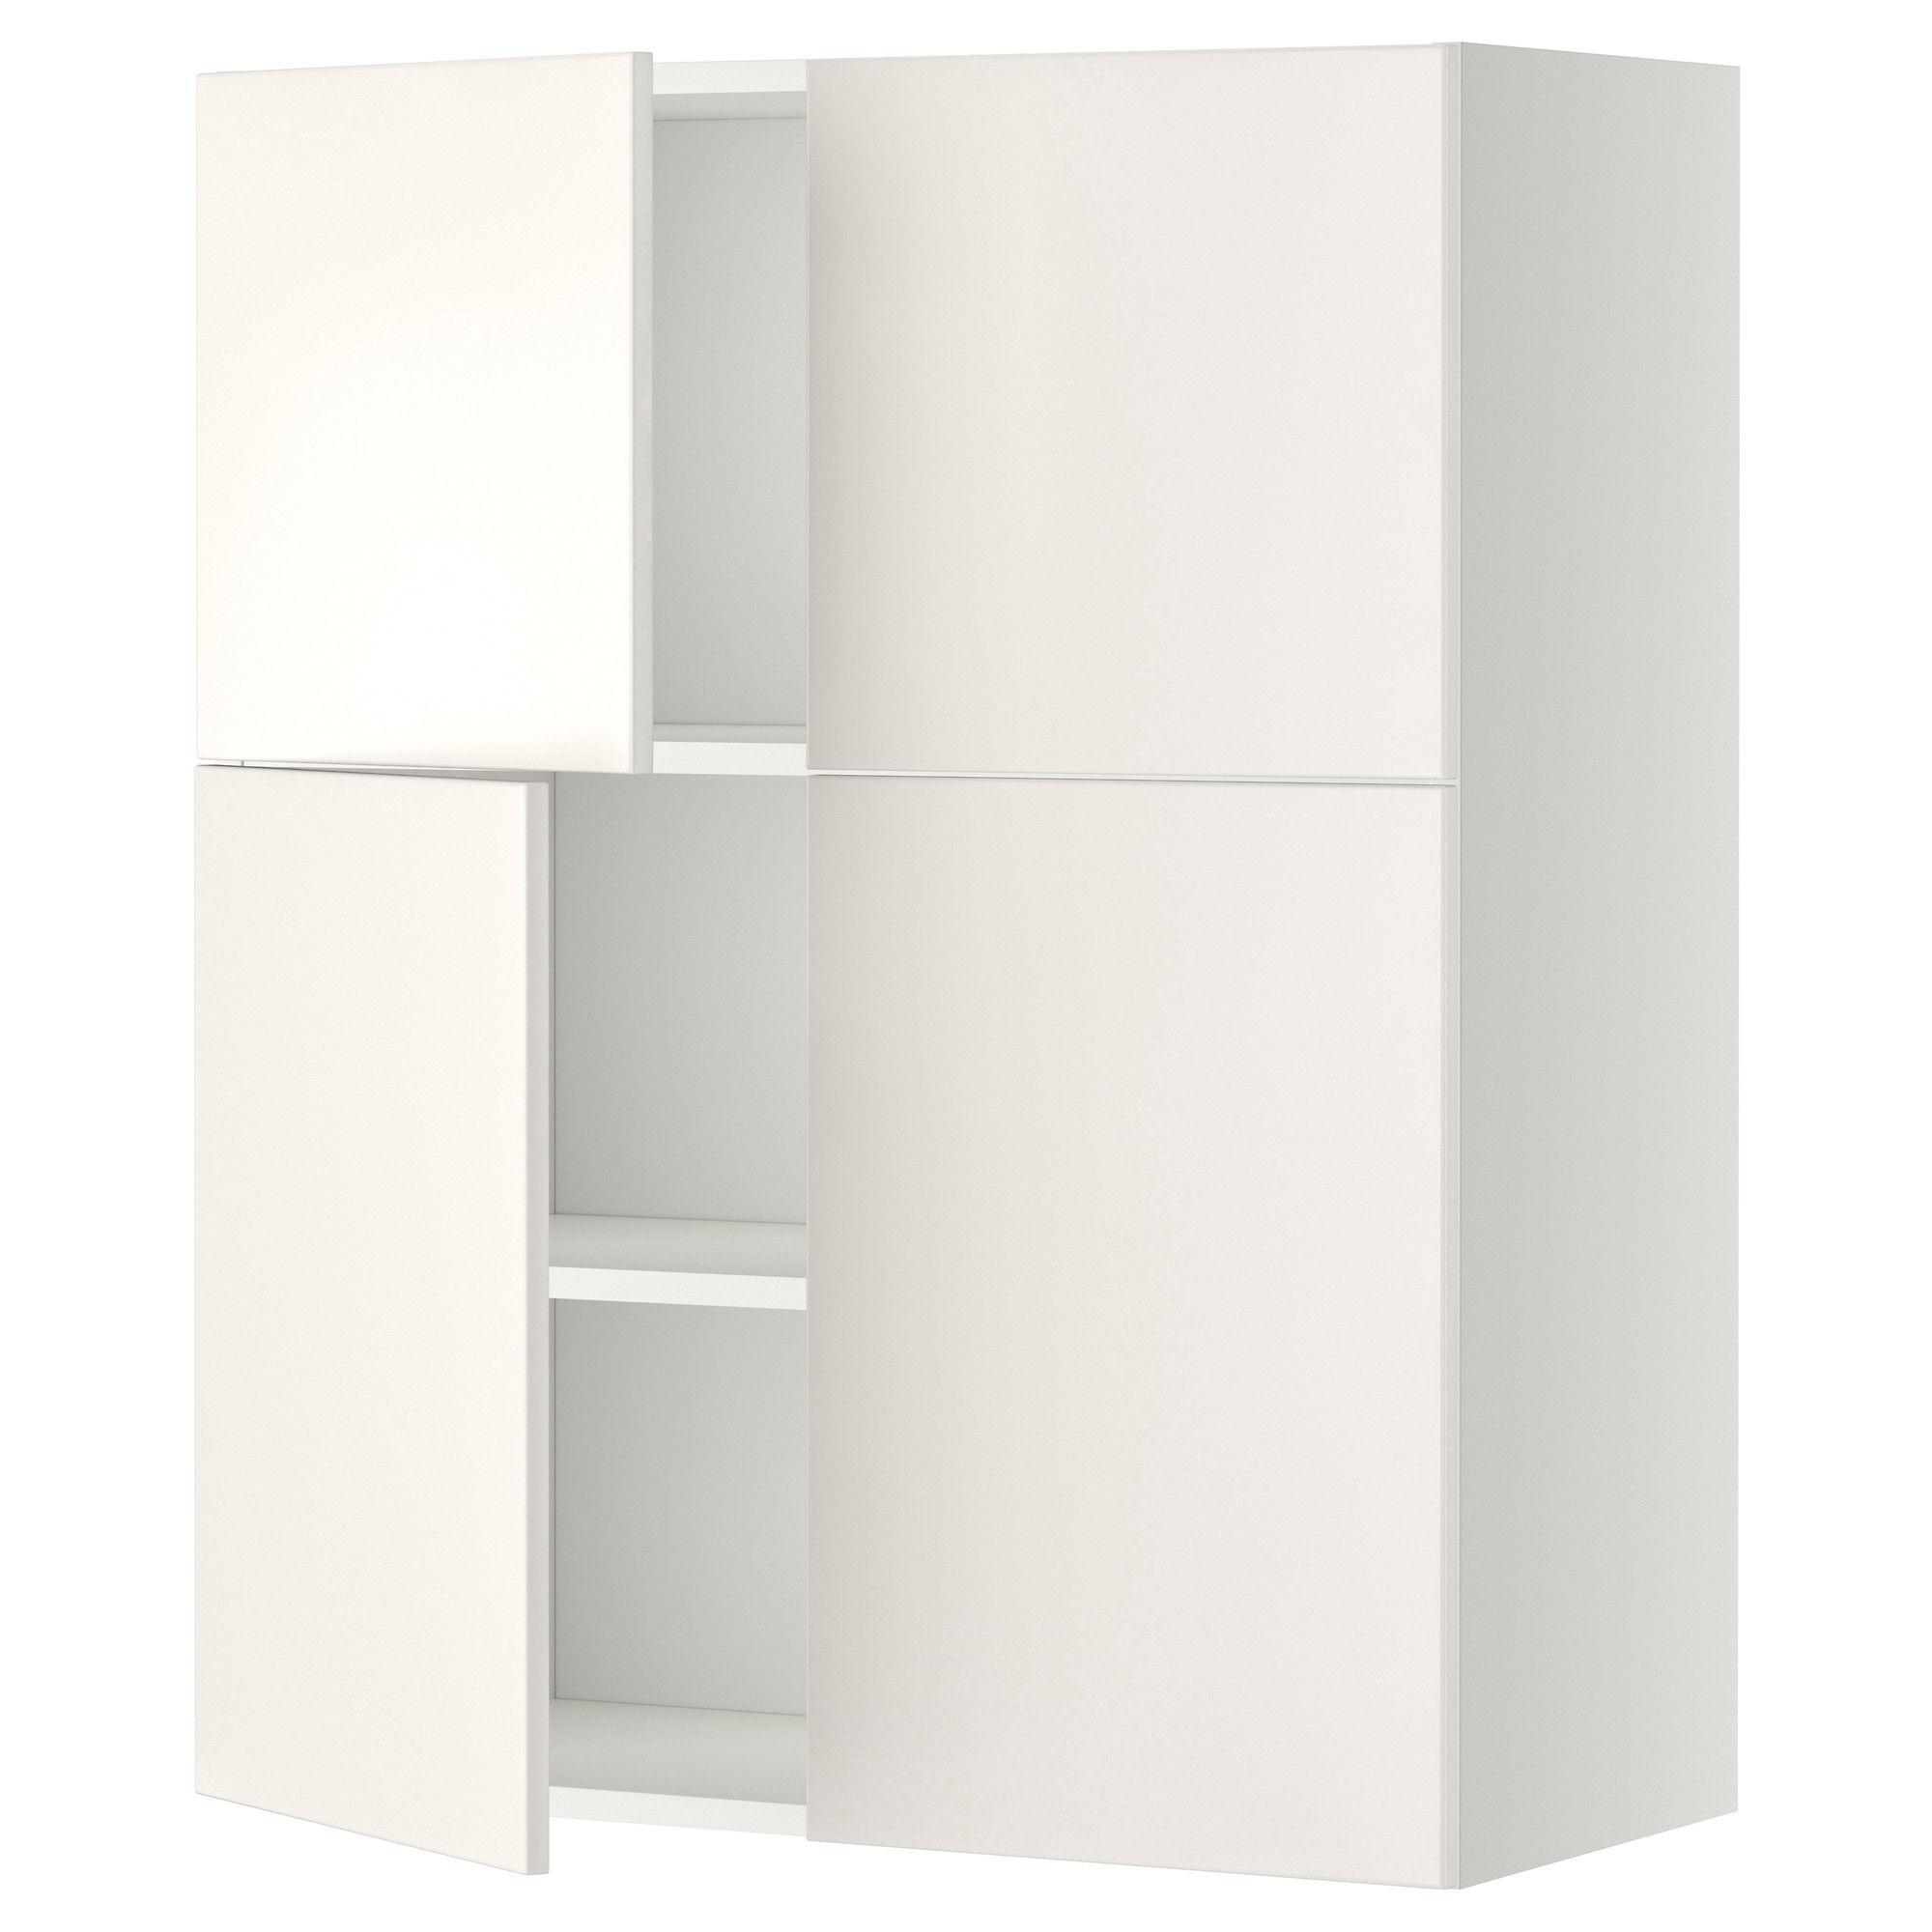 METOD Vægskab med hylder/4 døre - hvid, Veddinge hvid - IKEA